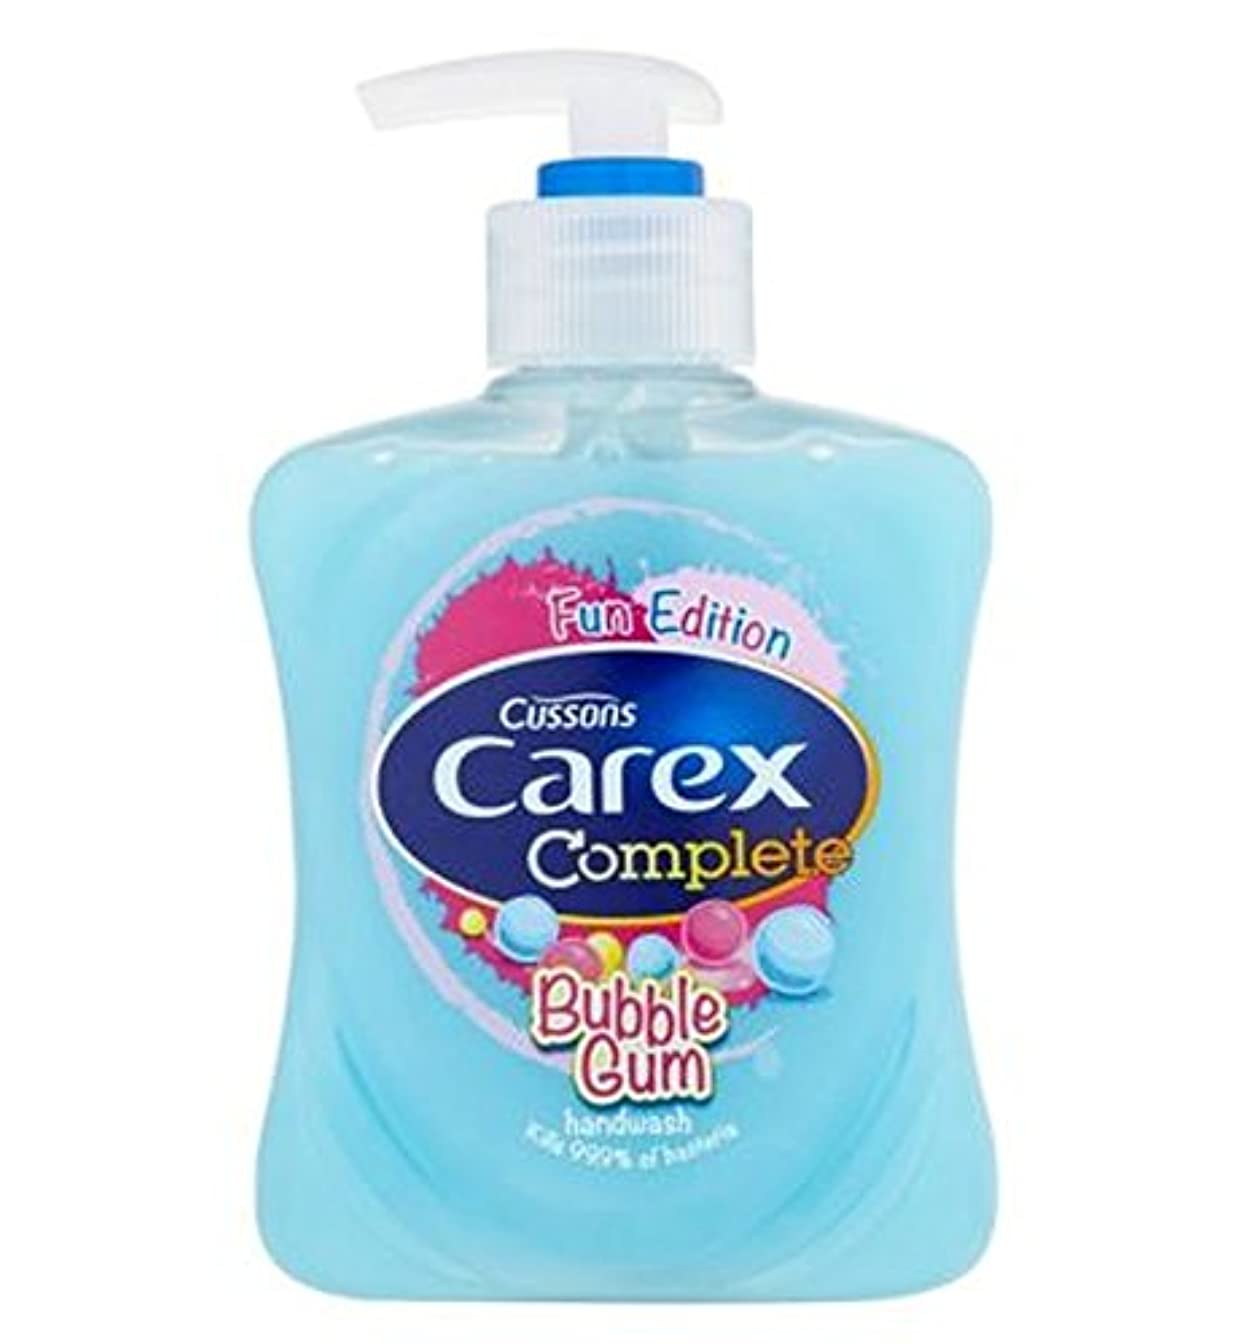 同種の理容師謝罪するスゲ属楽しいバブルガムハンドウォッシュ250ミリリットル (Carex) (x2) - Carex Fun Bubble Gum Hand Wash 250ml (Pack of 2) [並行輸入品]